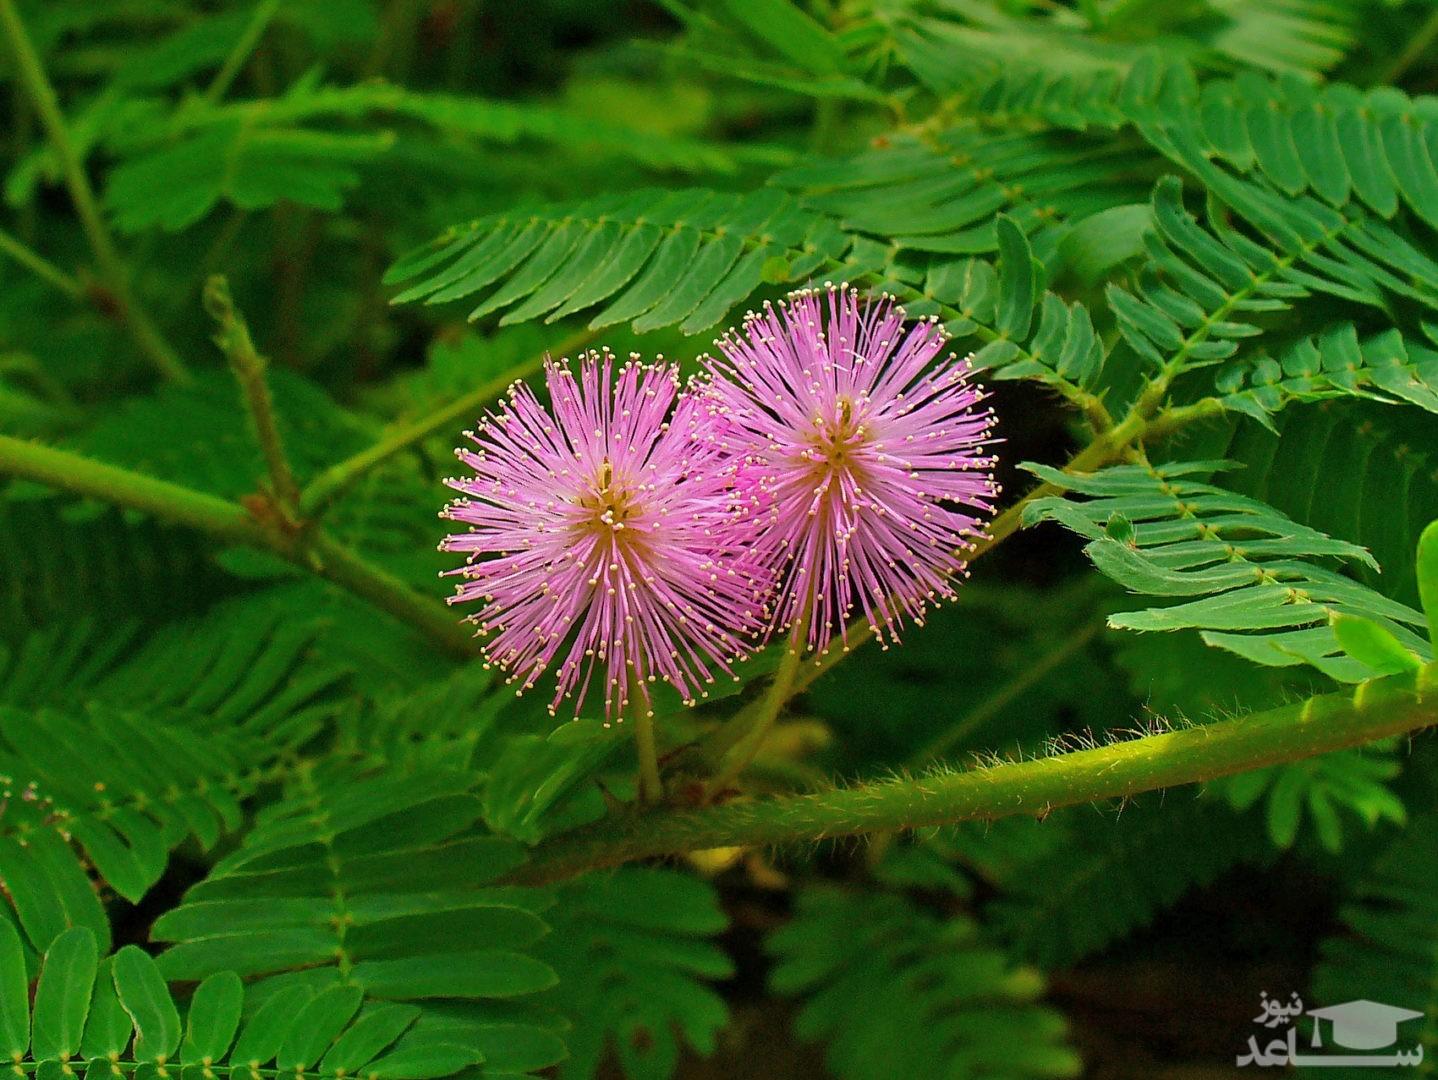 گل قهر و آشتی (نگهداری + پرورش)